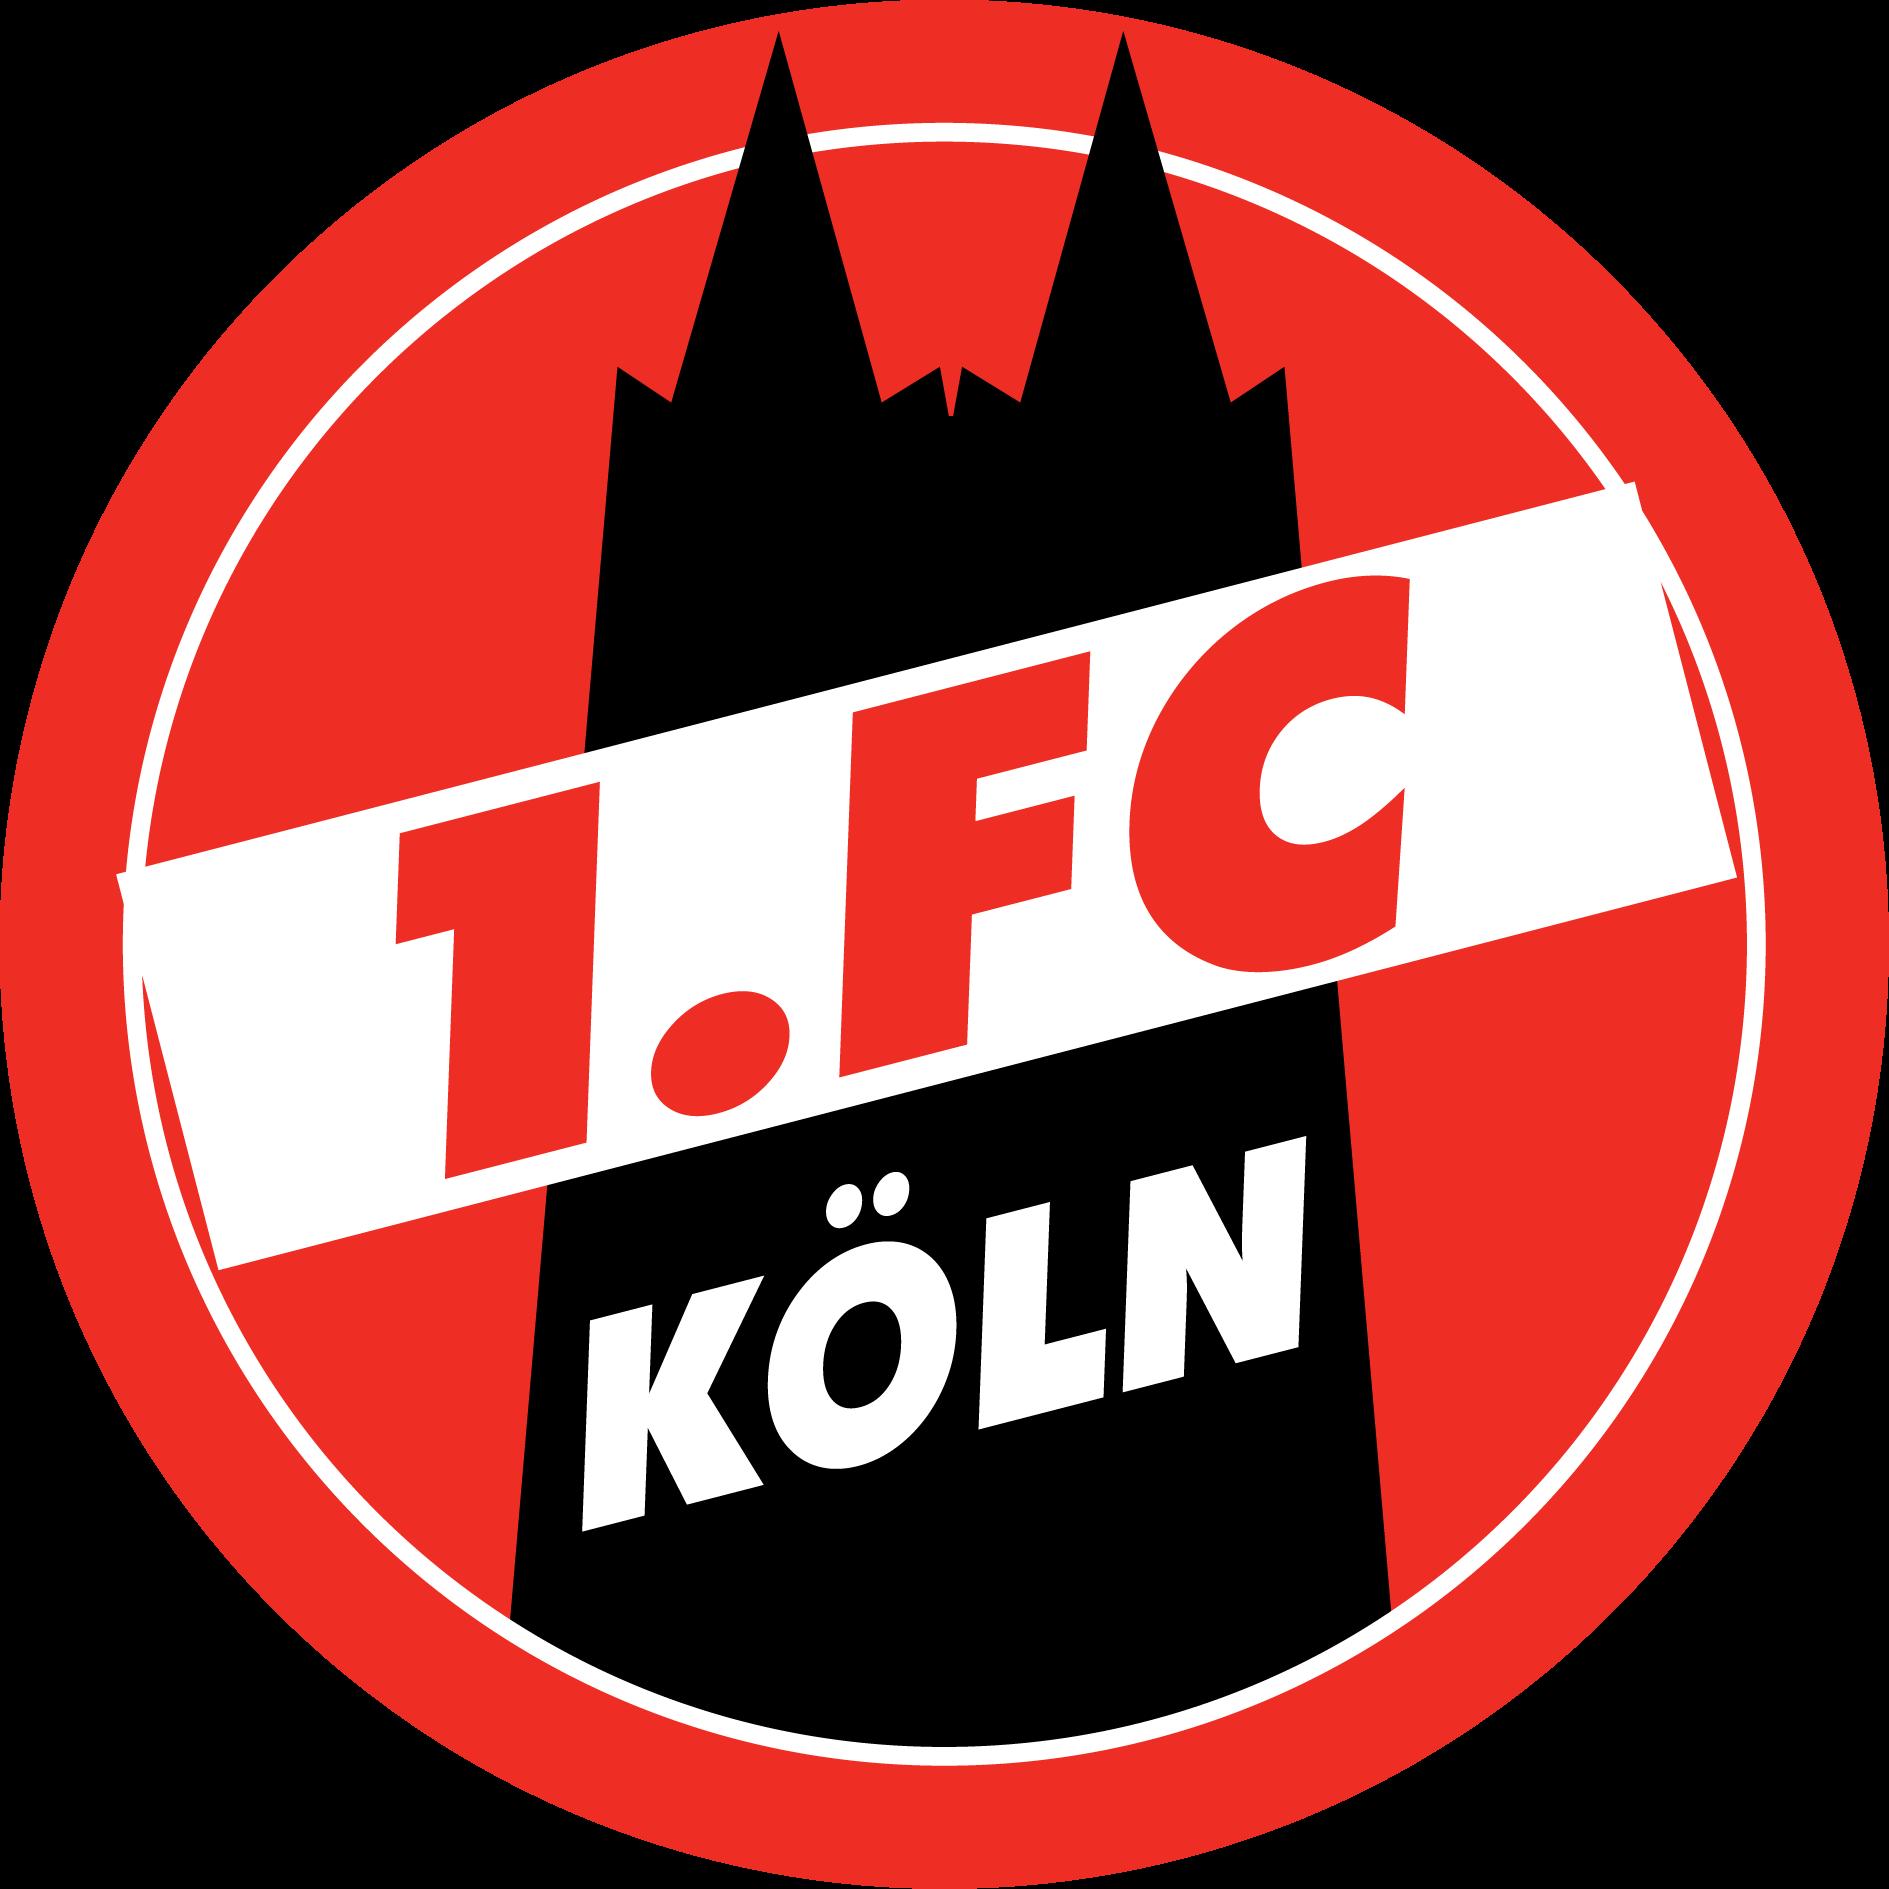 Wappen 1 Fc Köln